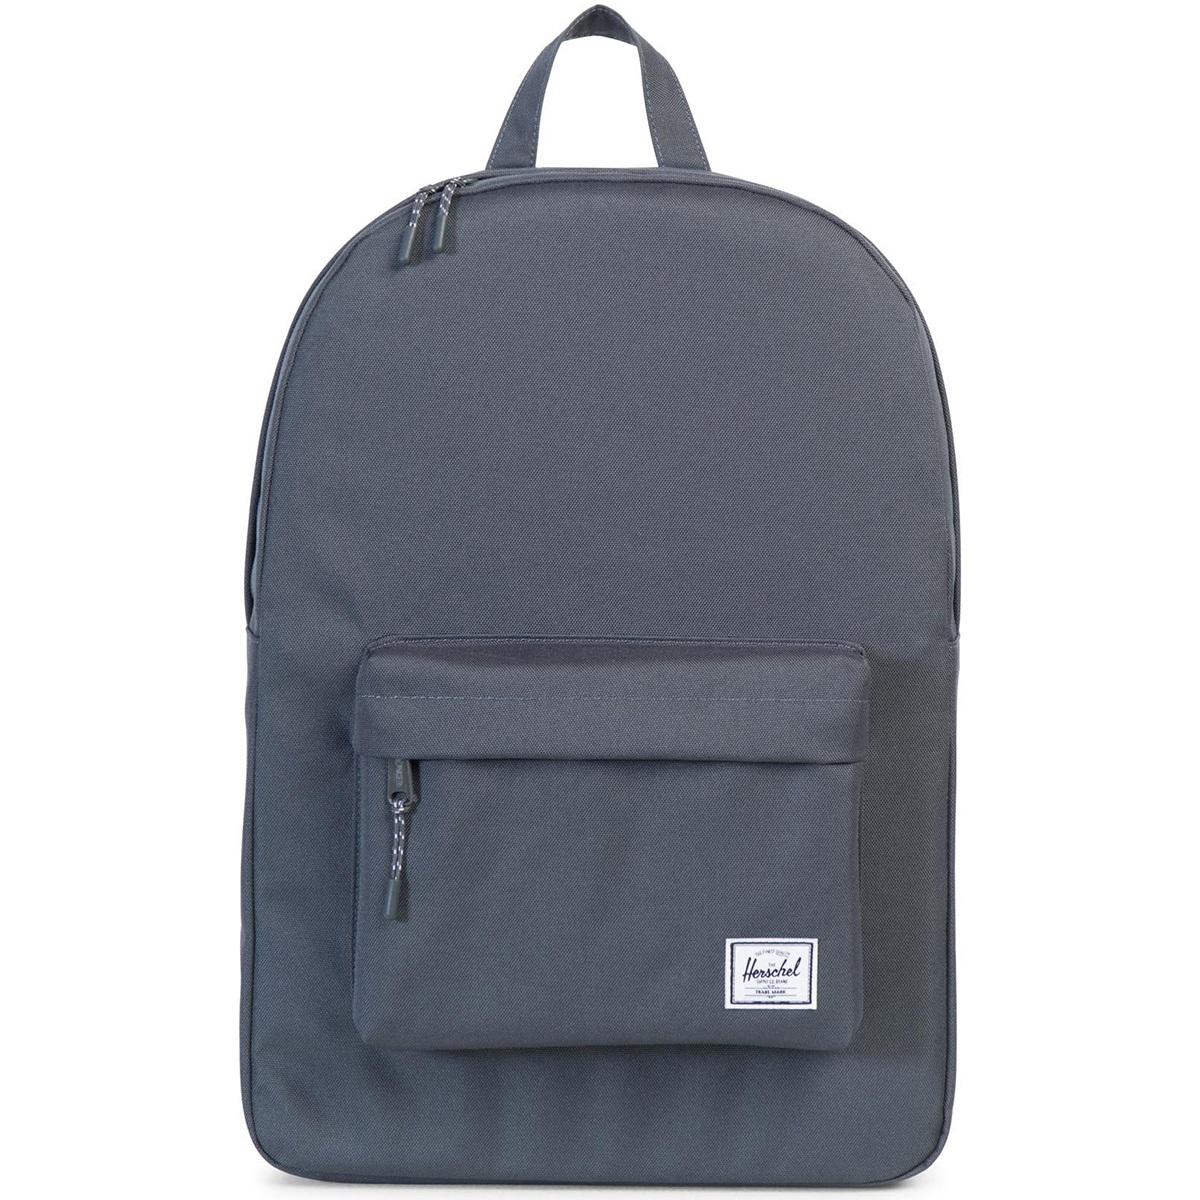 Рюкзак городской Herschel Classic (A/S), цвет: черный. 828432004973828432004973Рюкзак Herschel Classic целиком и полностью оправдывает свое название, выражая совершенство в лаконичных и идеальных линиях. Этот рюкзак создан для любых целей и поездок и отлично впишется в абсолютно любой стиль. Основное отделение закрывается на застежку-молнию. Внешняя сторона дополнена накладным карманом на застежке-молнии. Лямки регулируются, что позволяет менять положение рюкзака на спине.